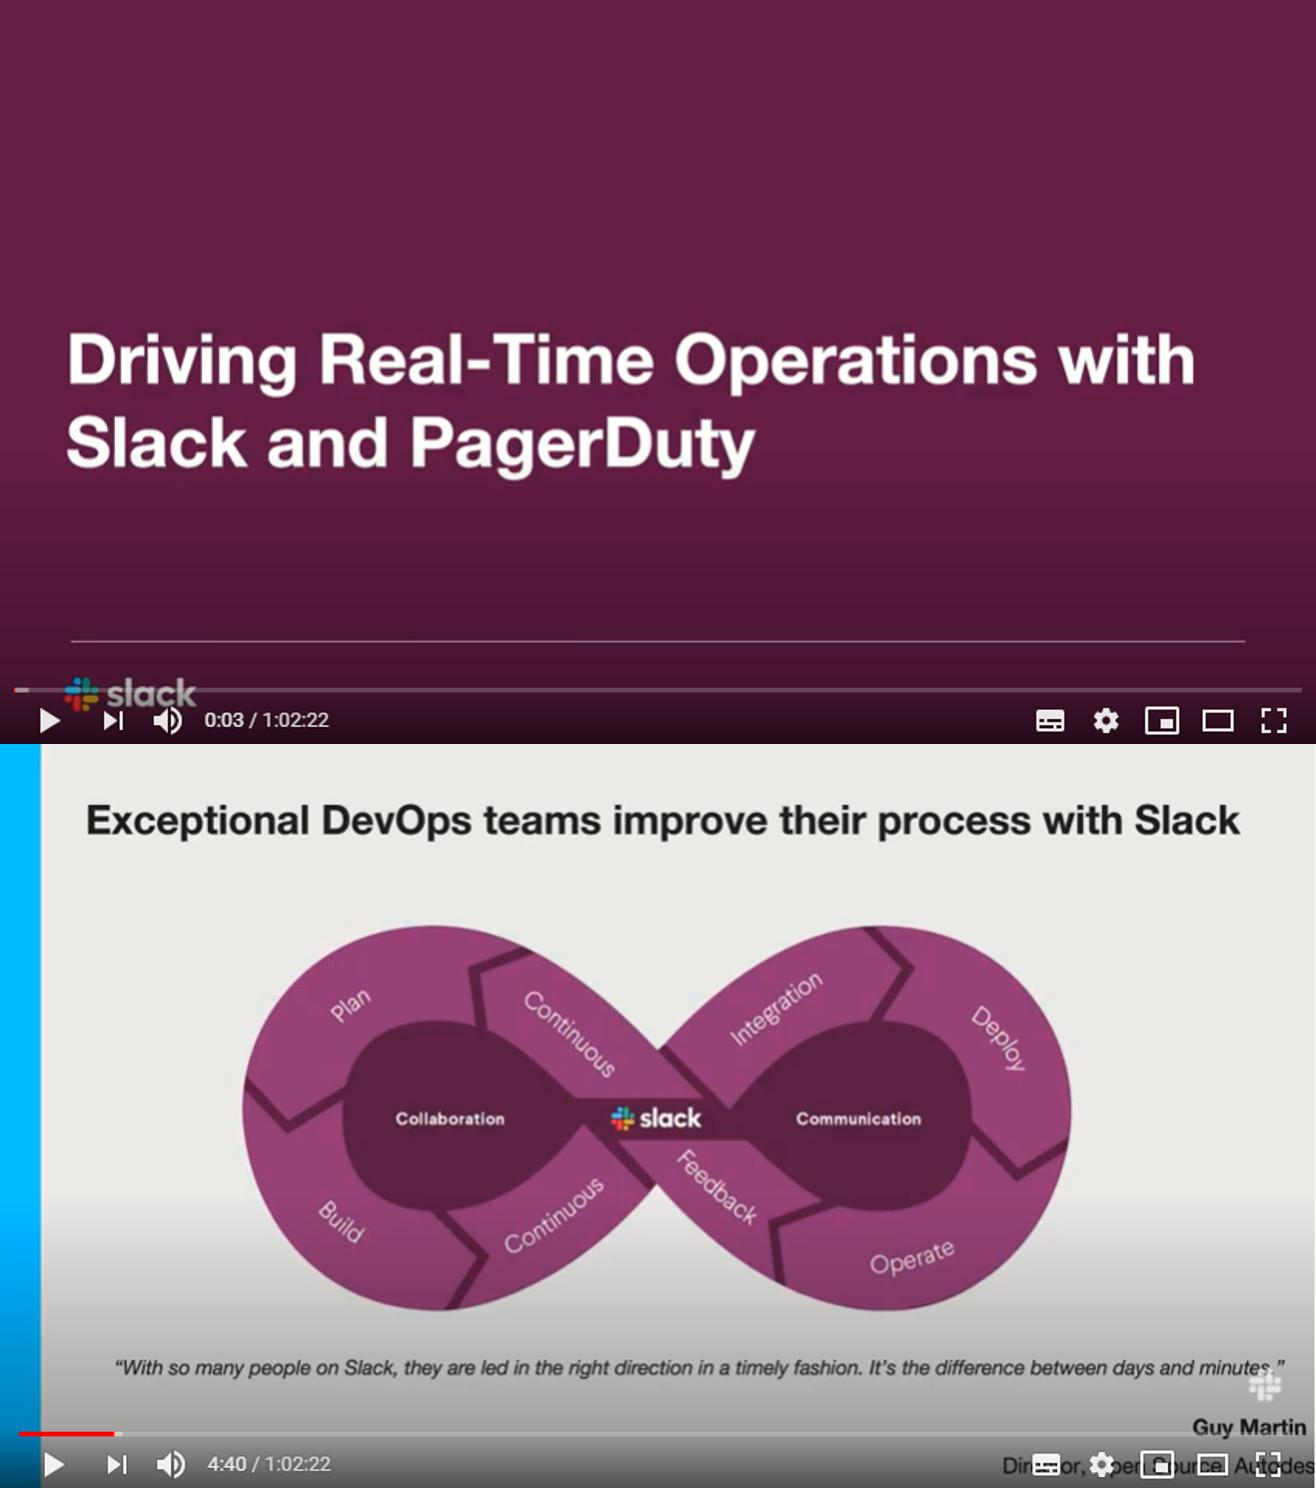 Conduciendo operaciones en tiempo real con Slack & PagerDuty